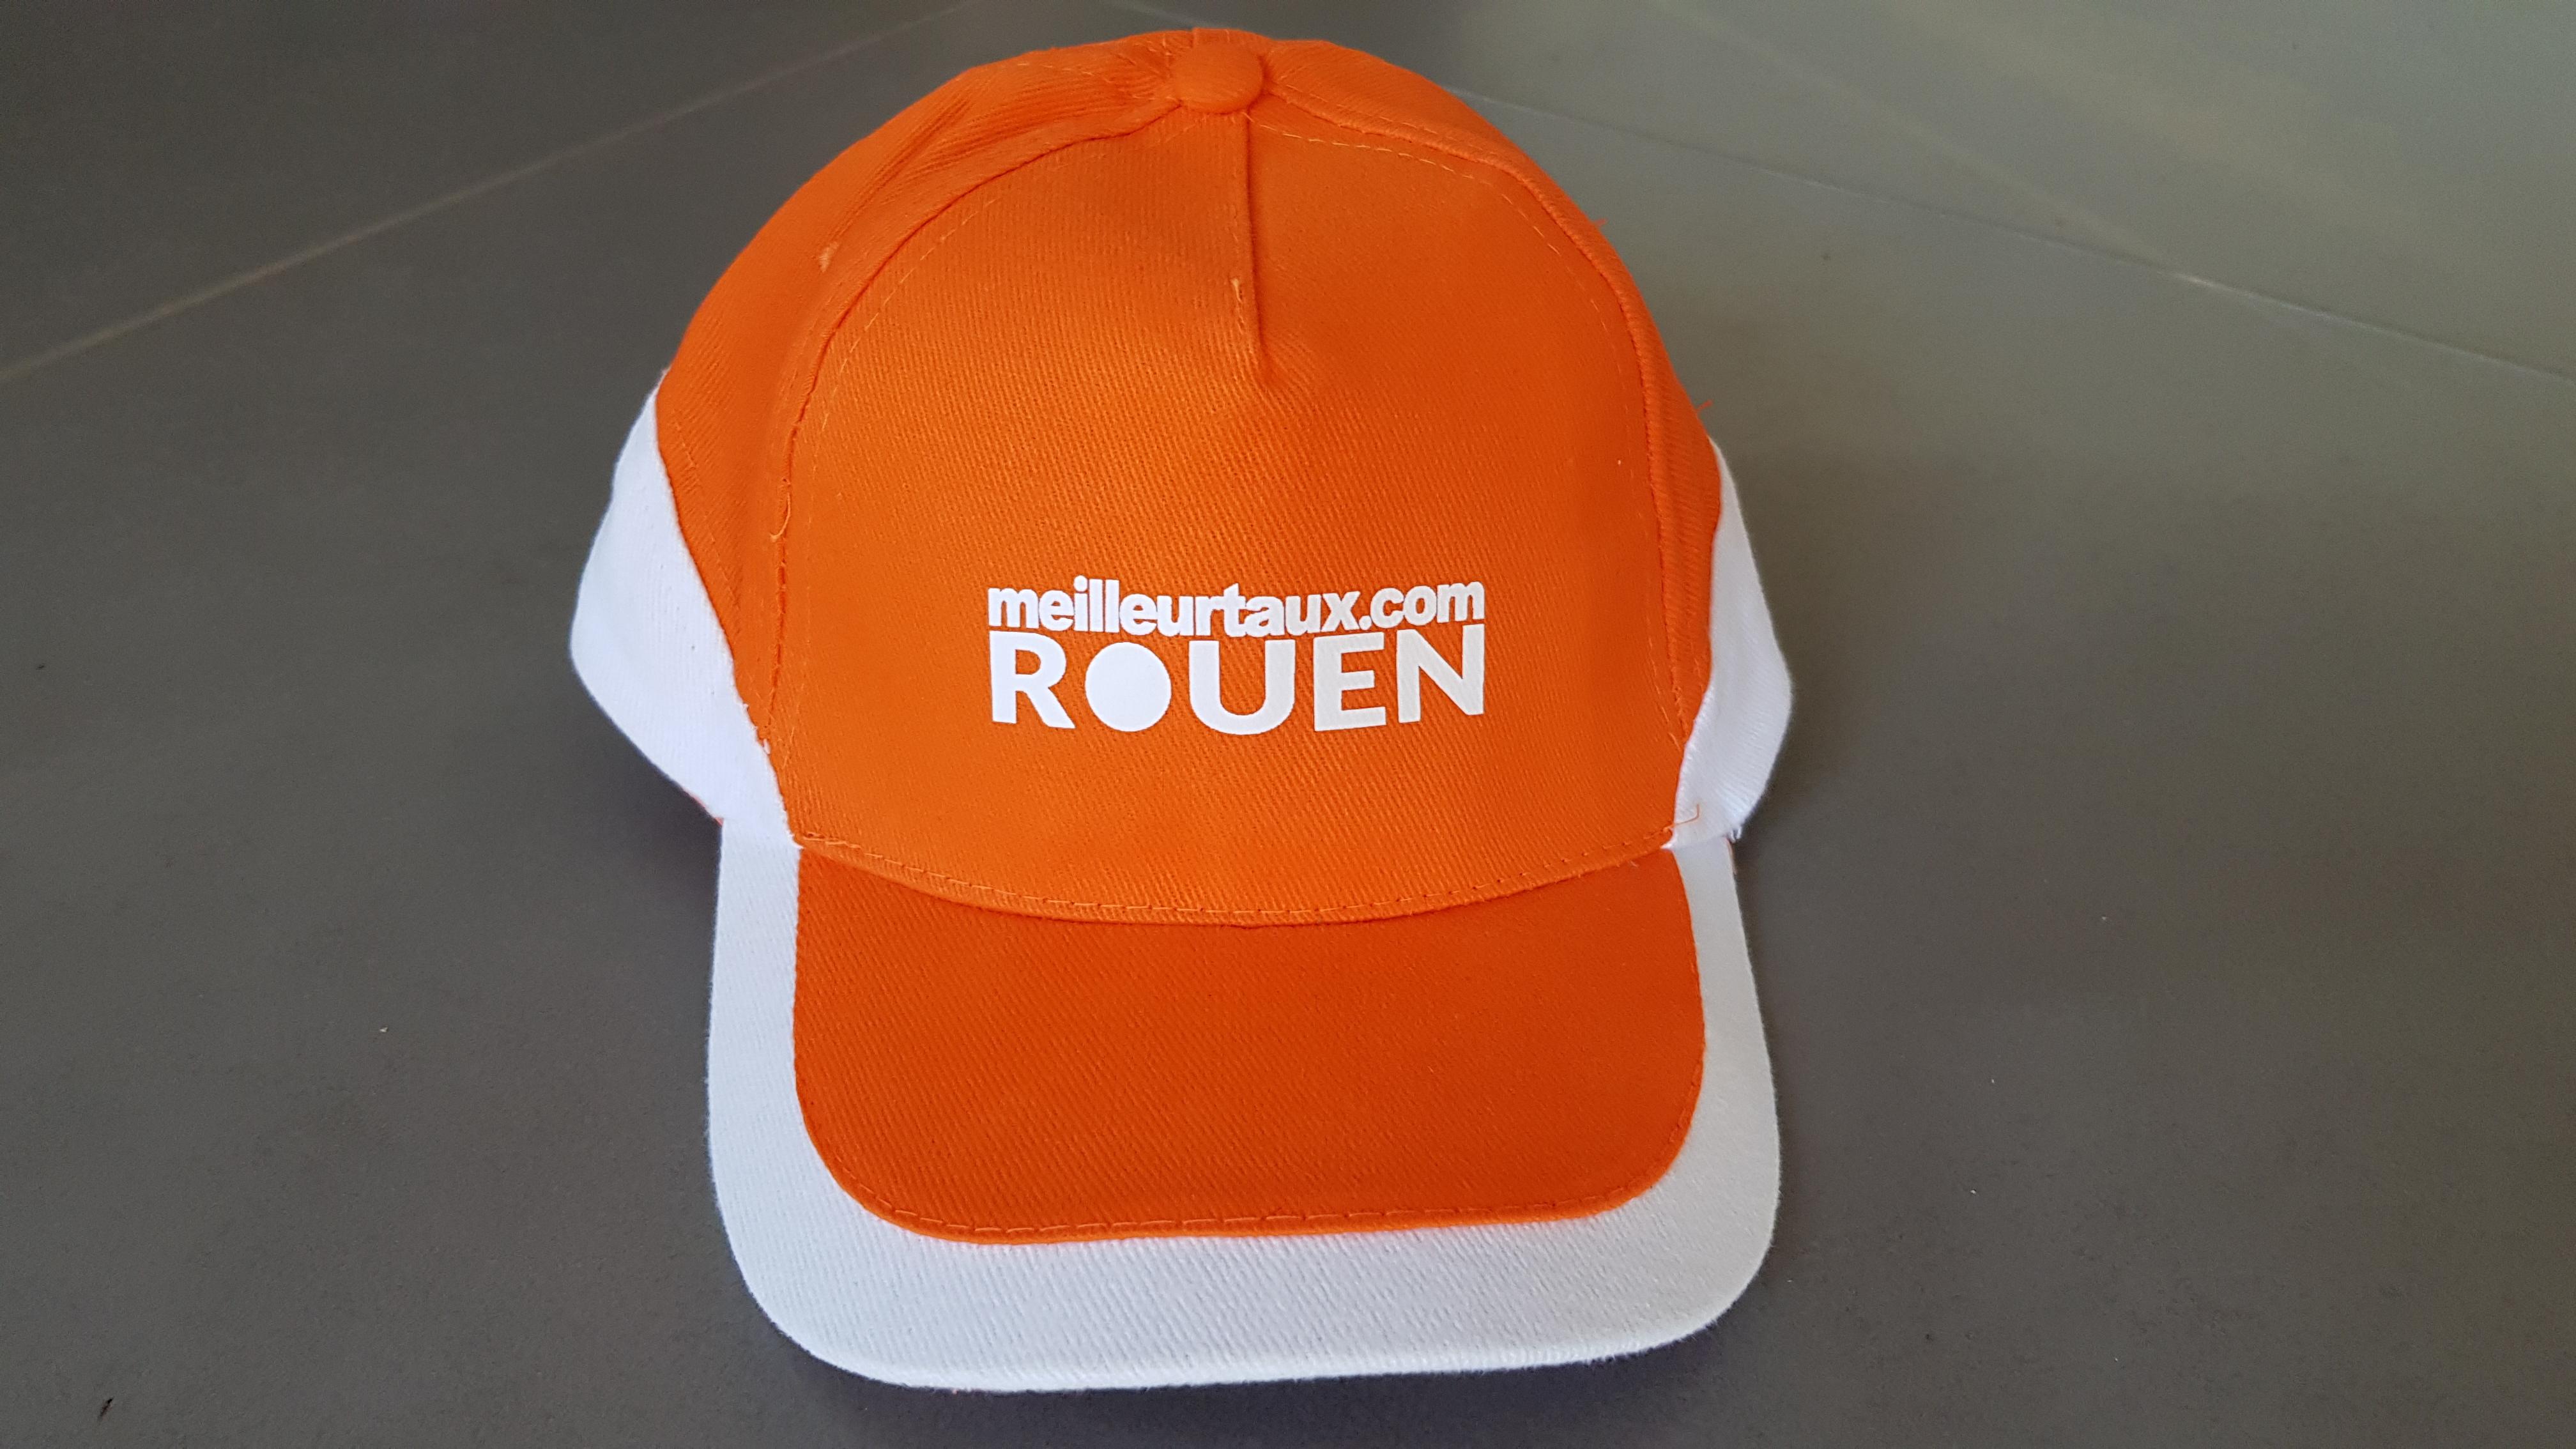 casquette personnalisée courtier meilleurtaux.com rouen agence de communication eure normandie